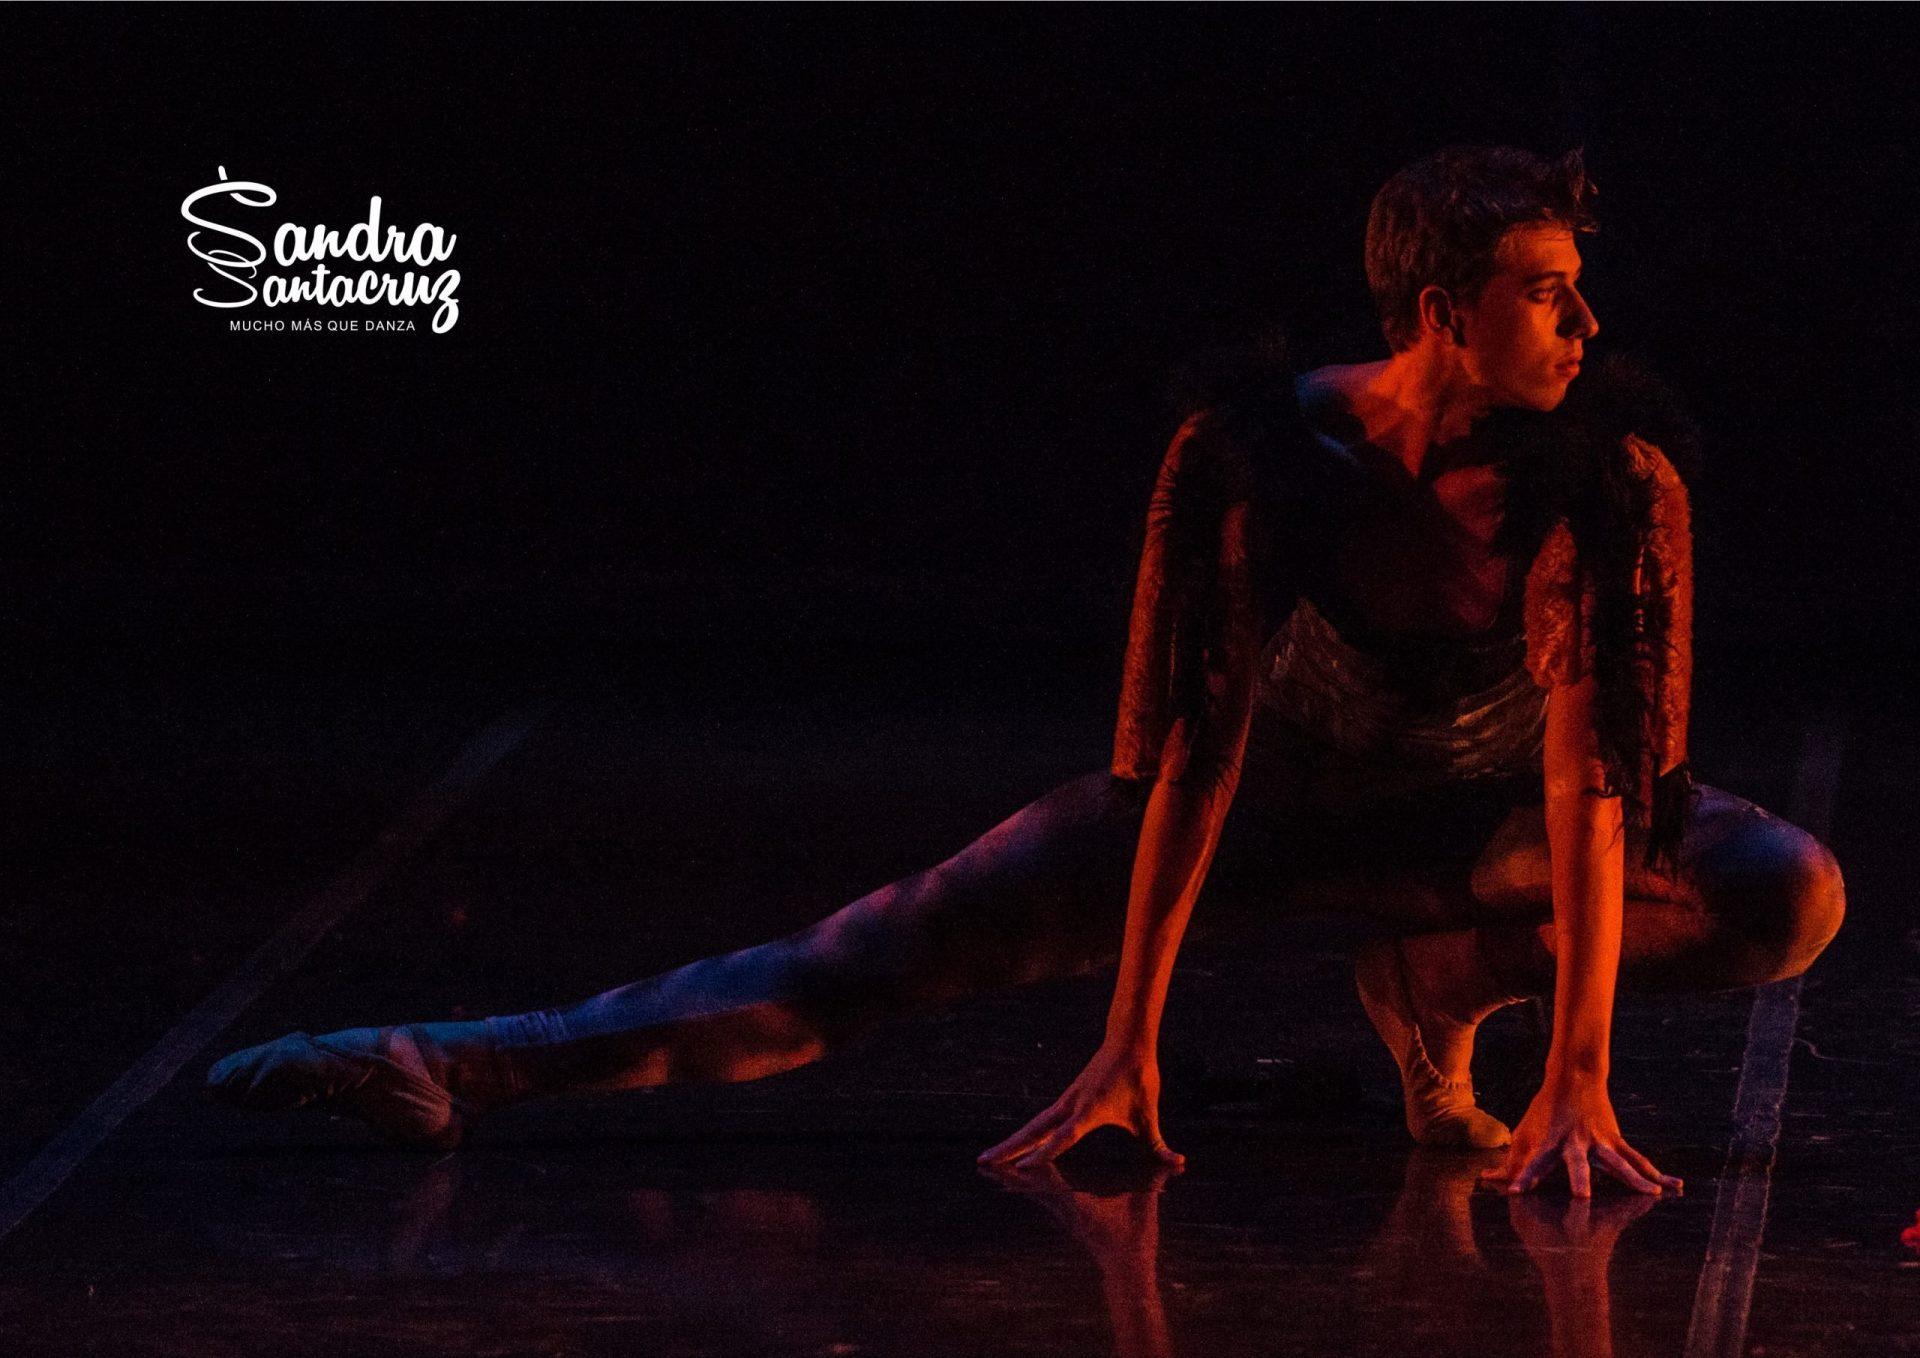 """Foto de la coreografía de """"Mi gato"""" del Centro de Danza Sandra Santa Cruz donde el bailarín posa como un gato que se arrastra por el suelo."""